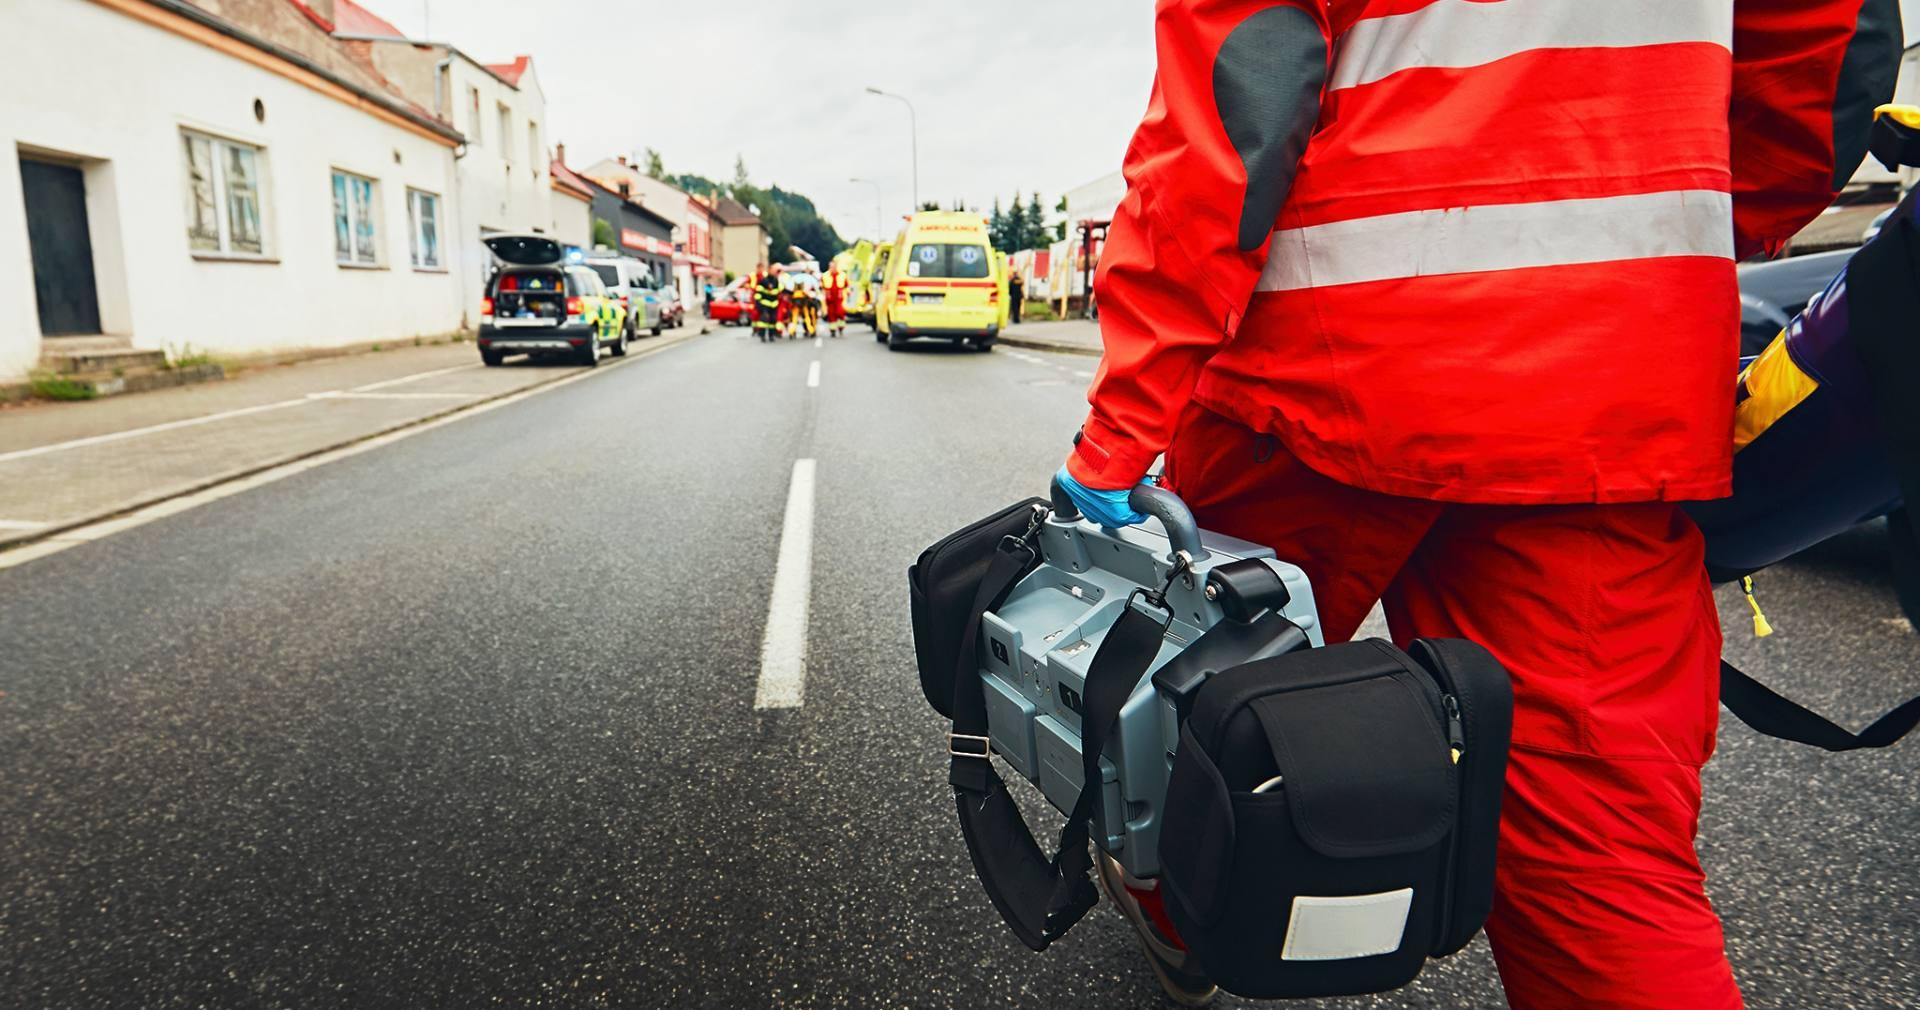 Wyposażony w profesjonalny sprzęt ratownik udaje się na miejsce wypadku